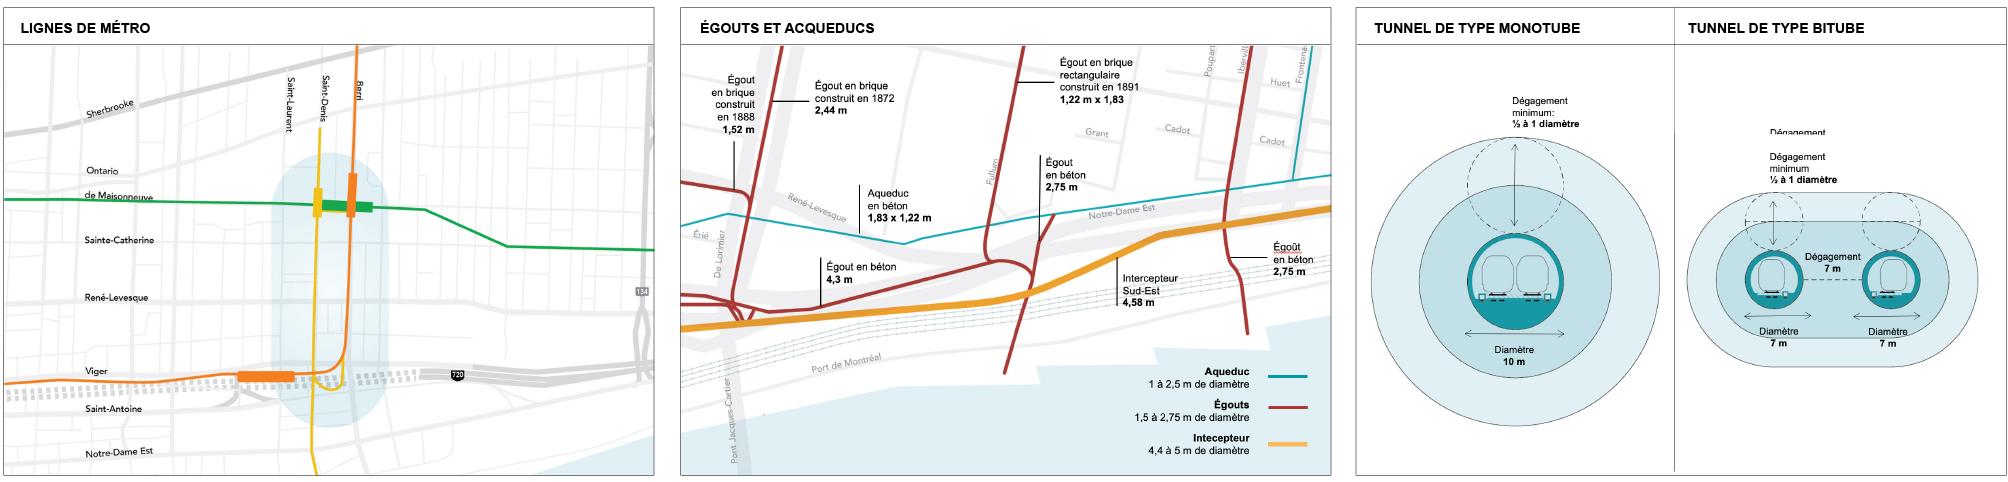 Infrastructures en sous-terrain au centre-ville de Montréal